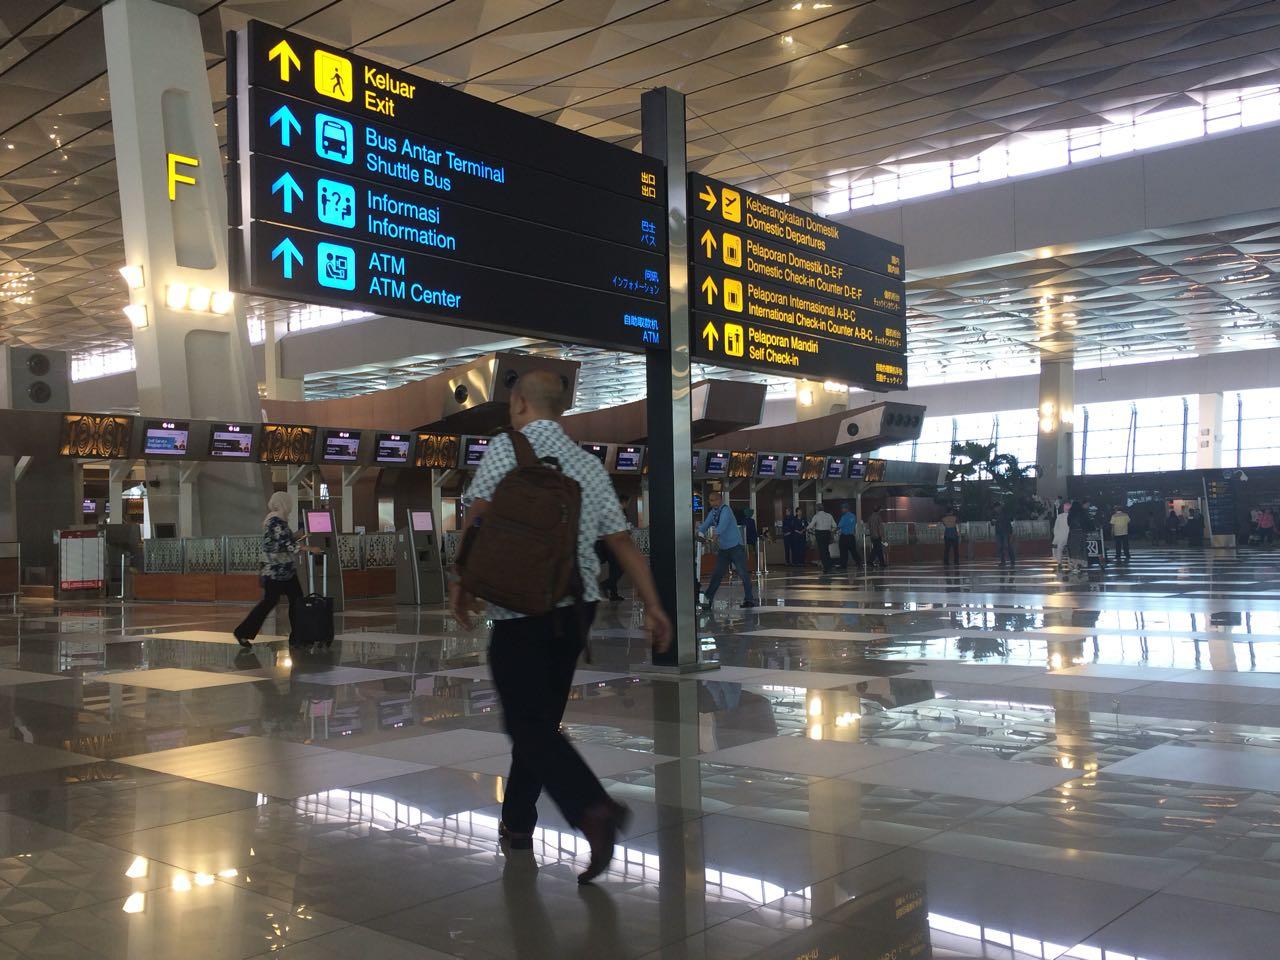 https: img.okezone.com content 2021 05 07 320 2407360 hari-pertama-larangan-mudik-6-853-penumpang-naik-pesawat-di-15-bandara-HZHegvwVTl.jpg